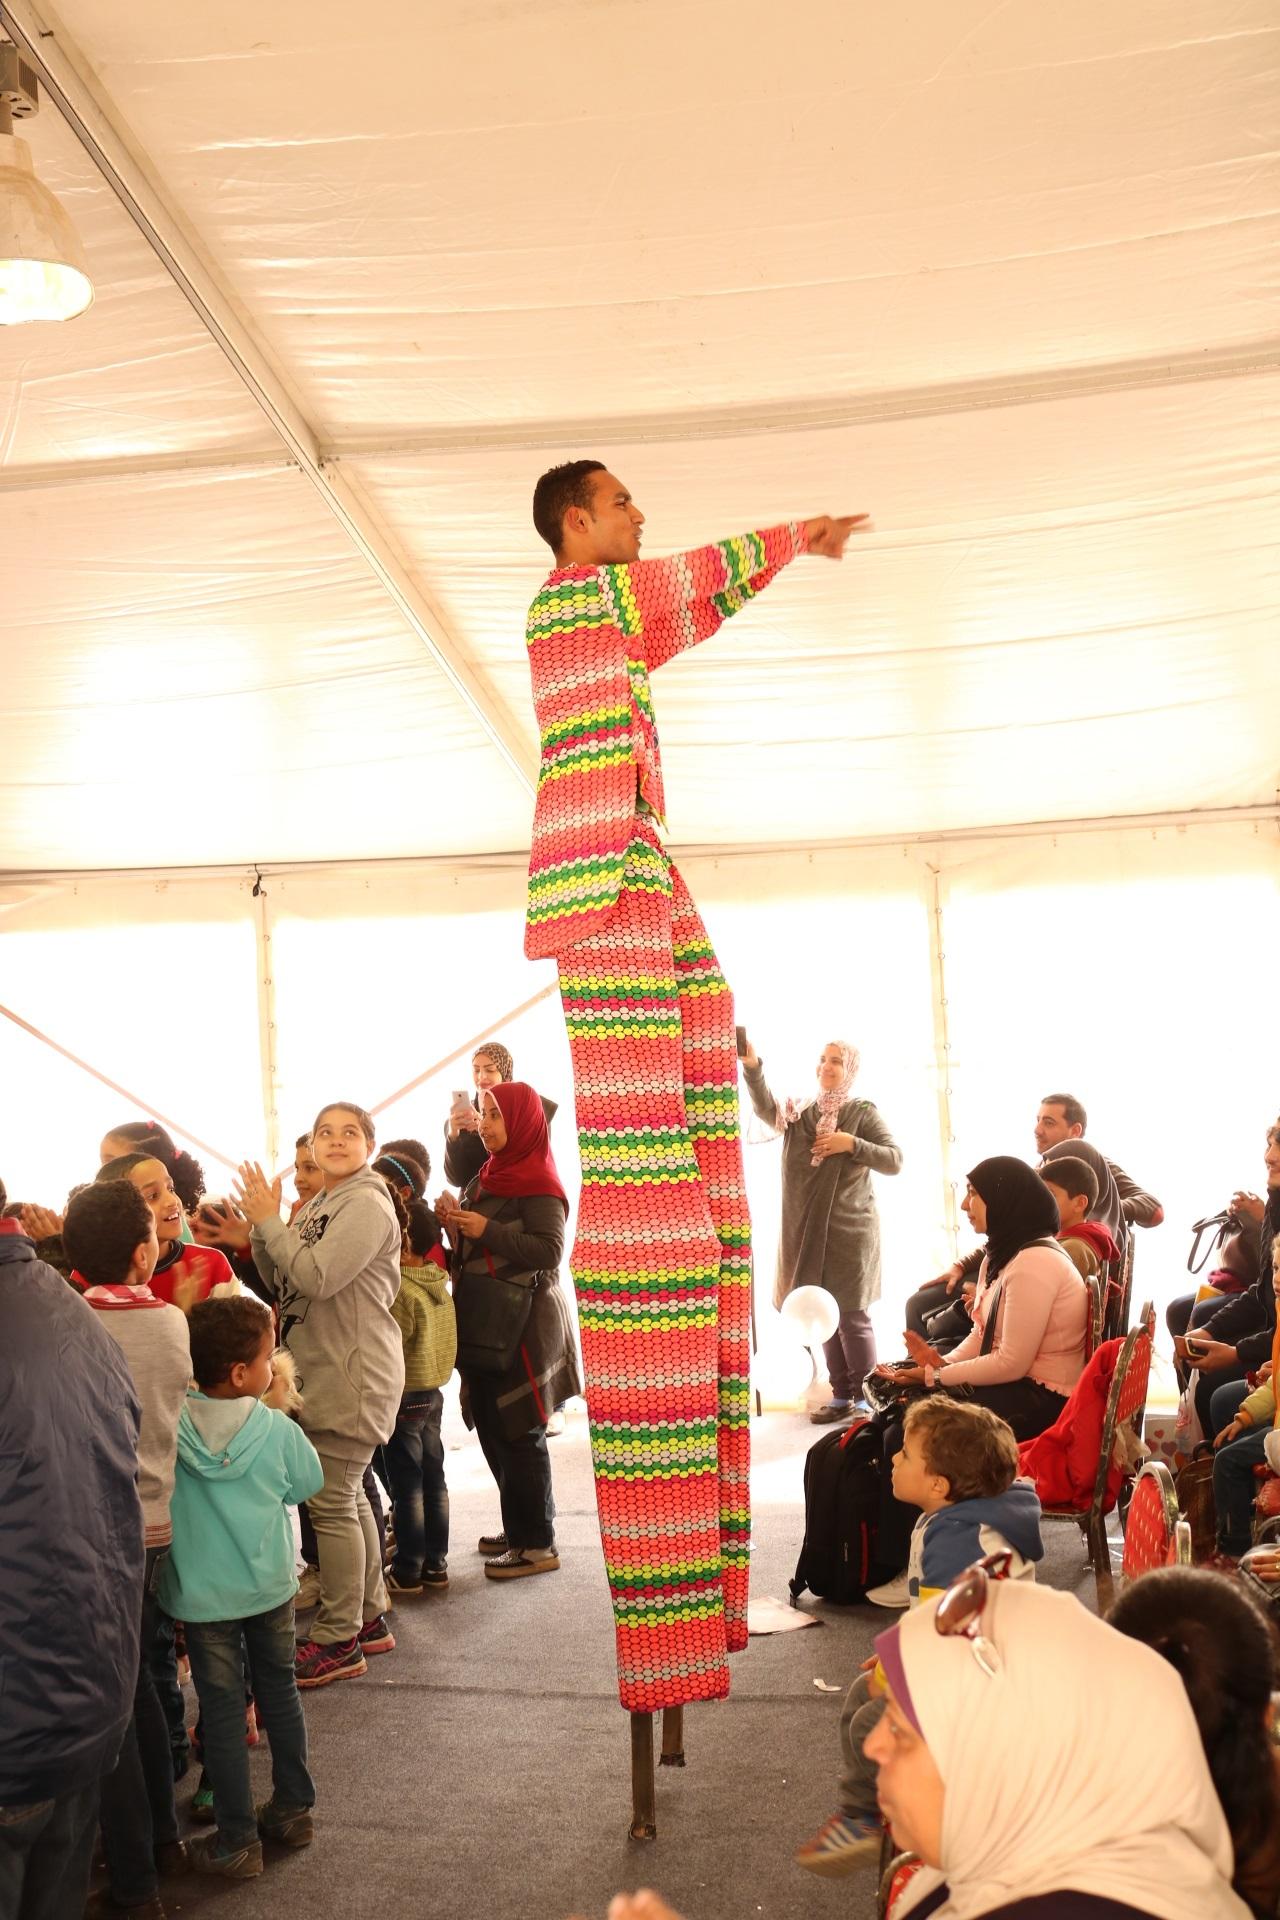 النشاط الفنى للطفل بخيمة محمد فوزى